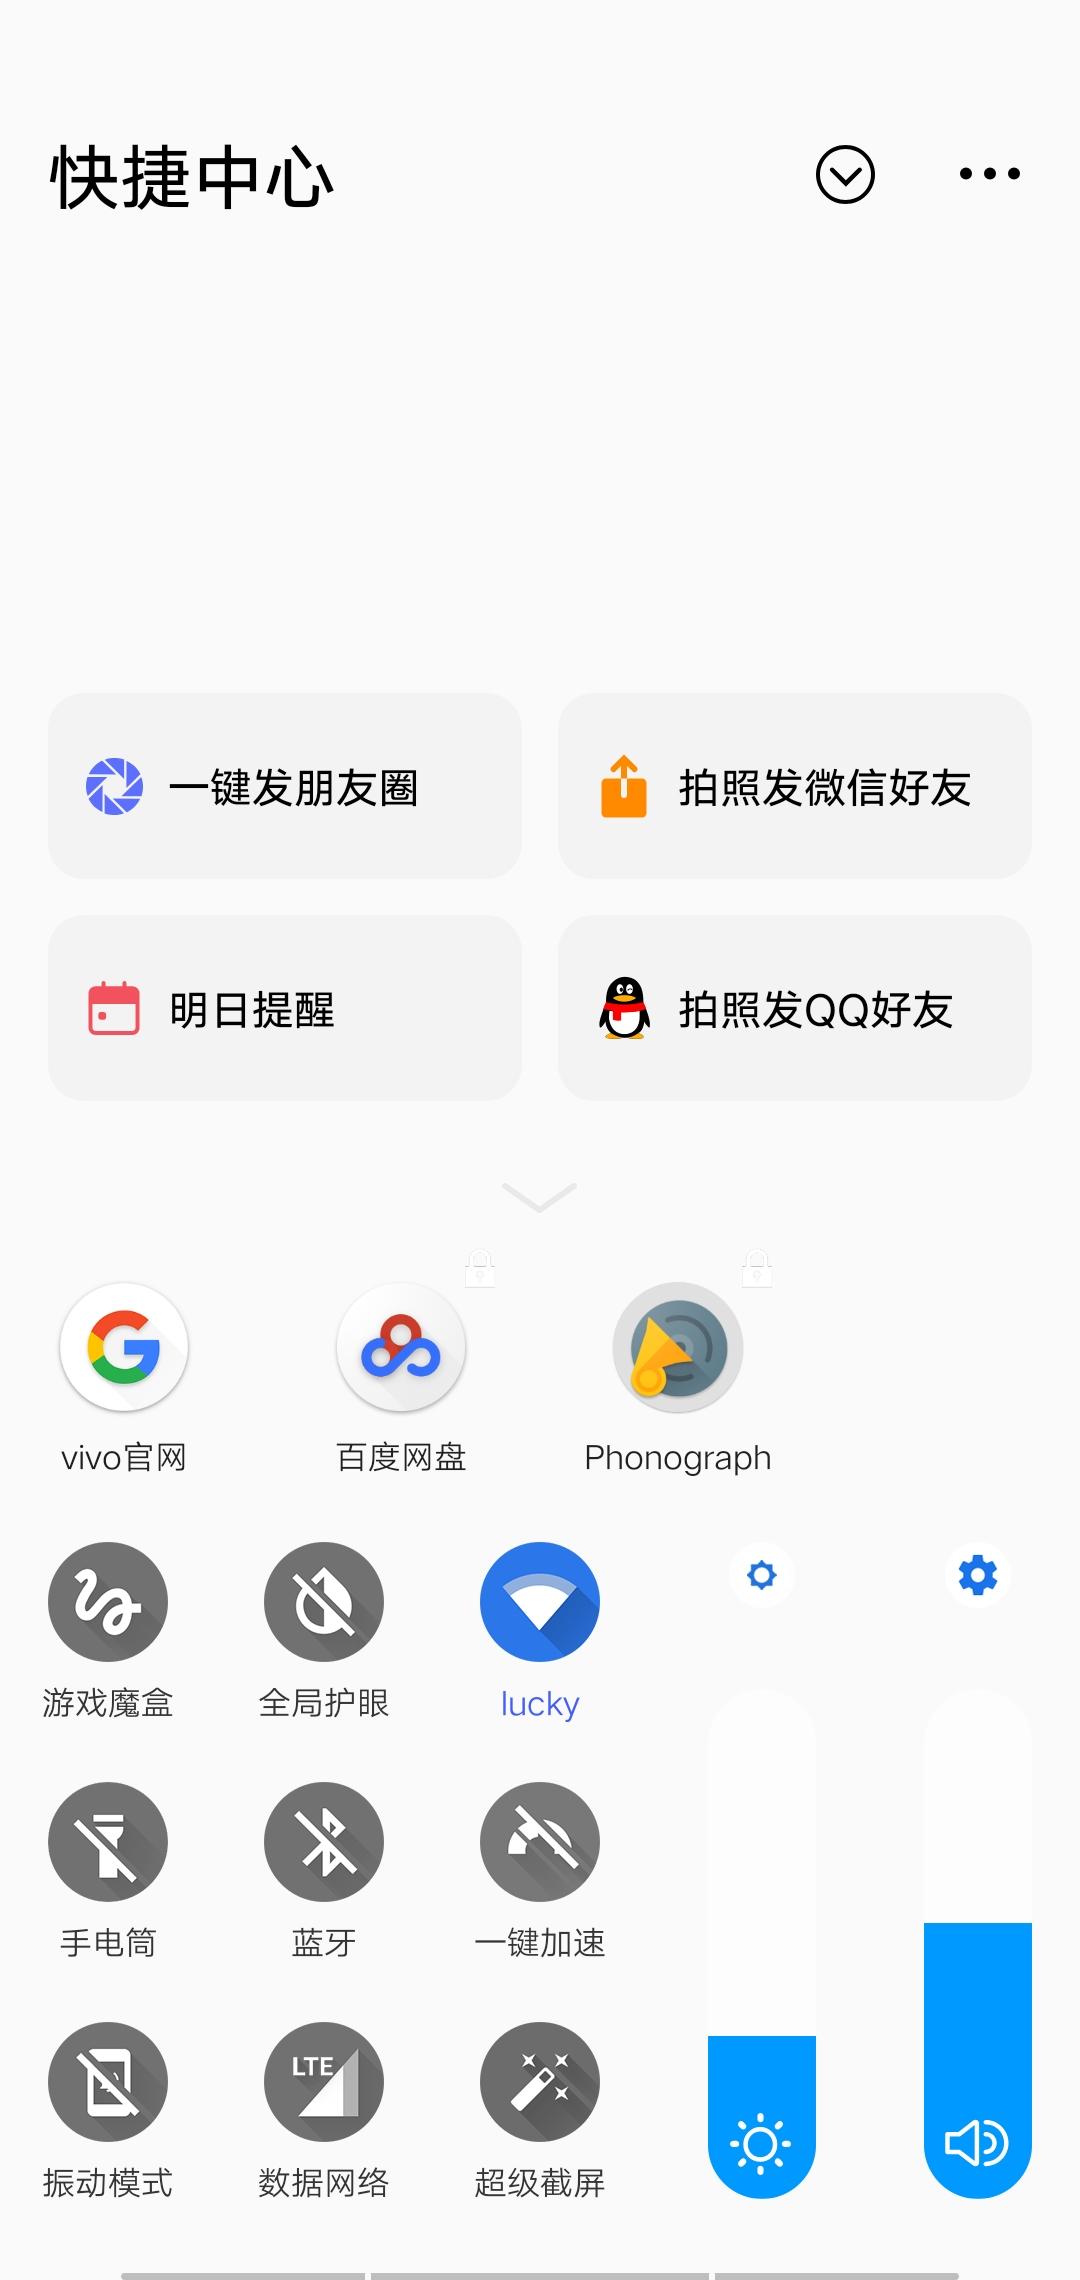 Screenshot_20190405_194020.jpg